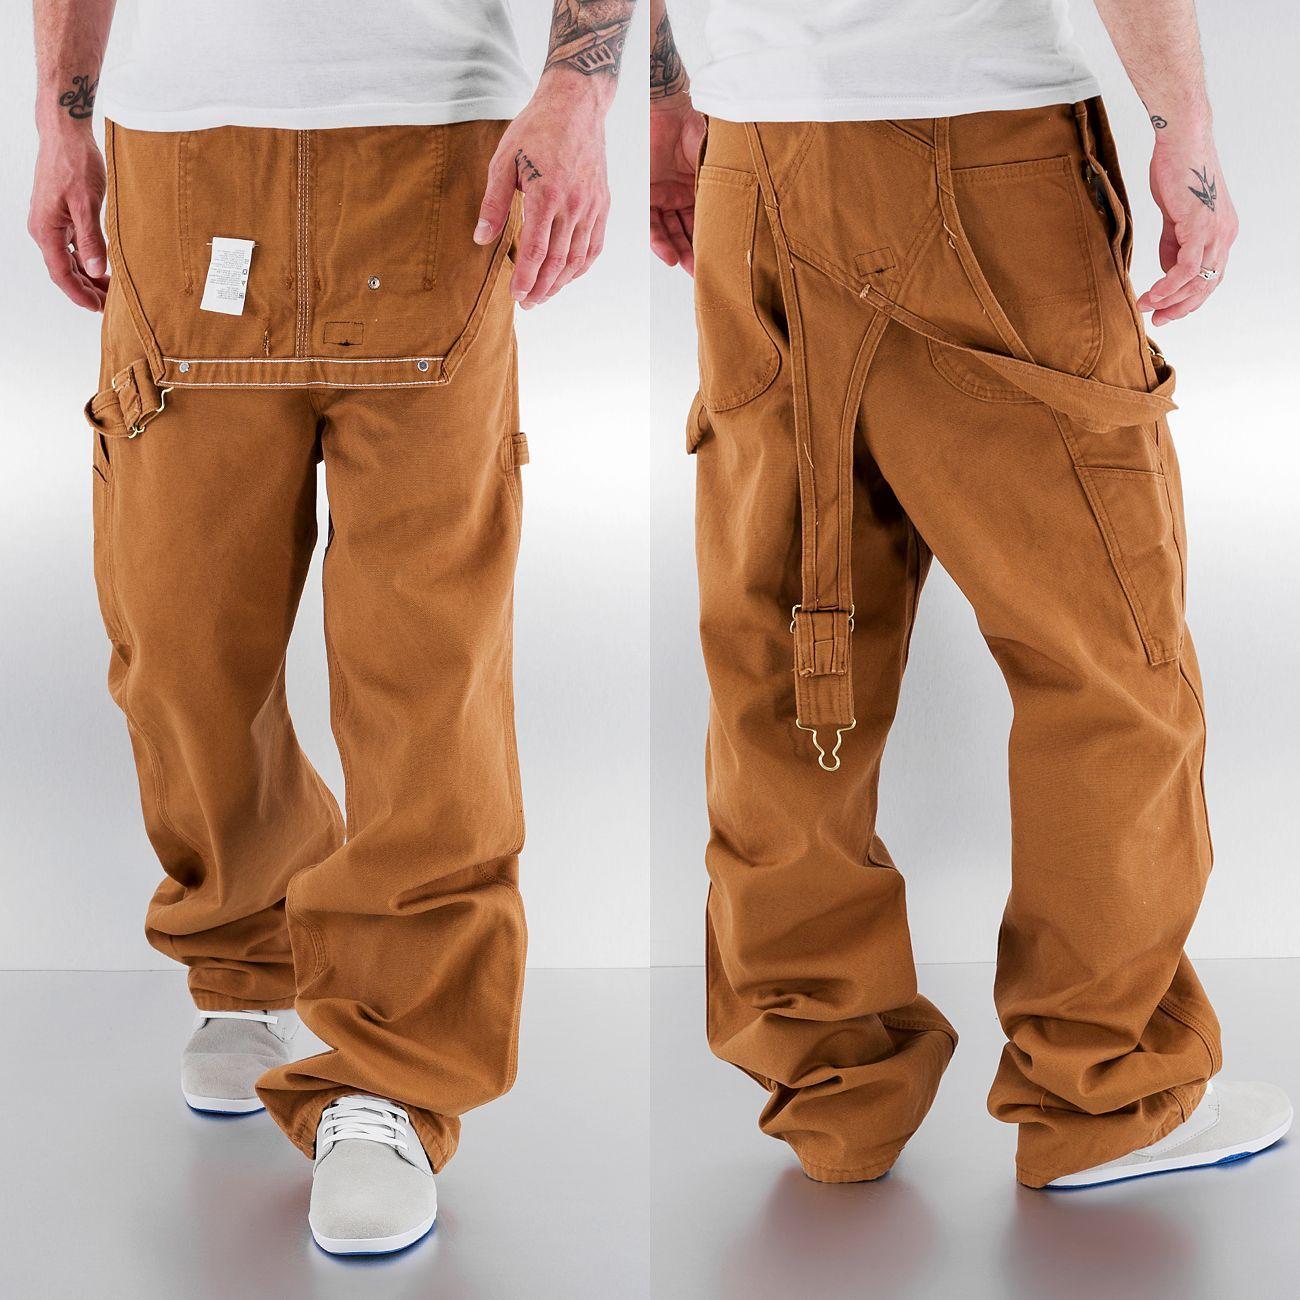 Plus Militaire Hommes Pantalon Long Loose Baggy Carpenter Global 100/% Coton Pantalon #